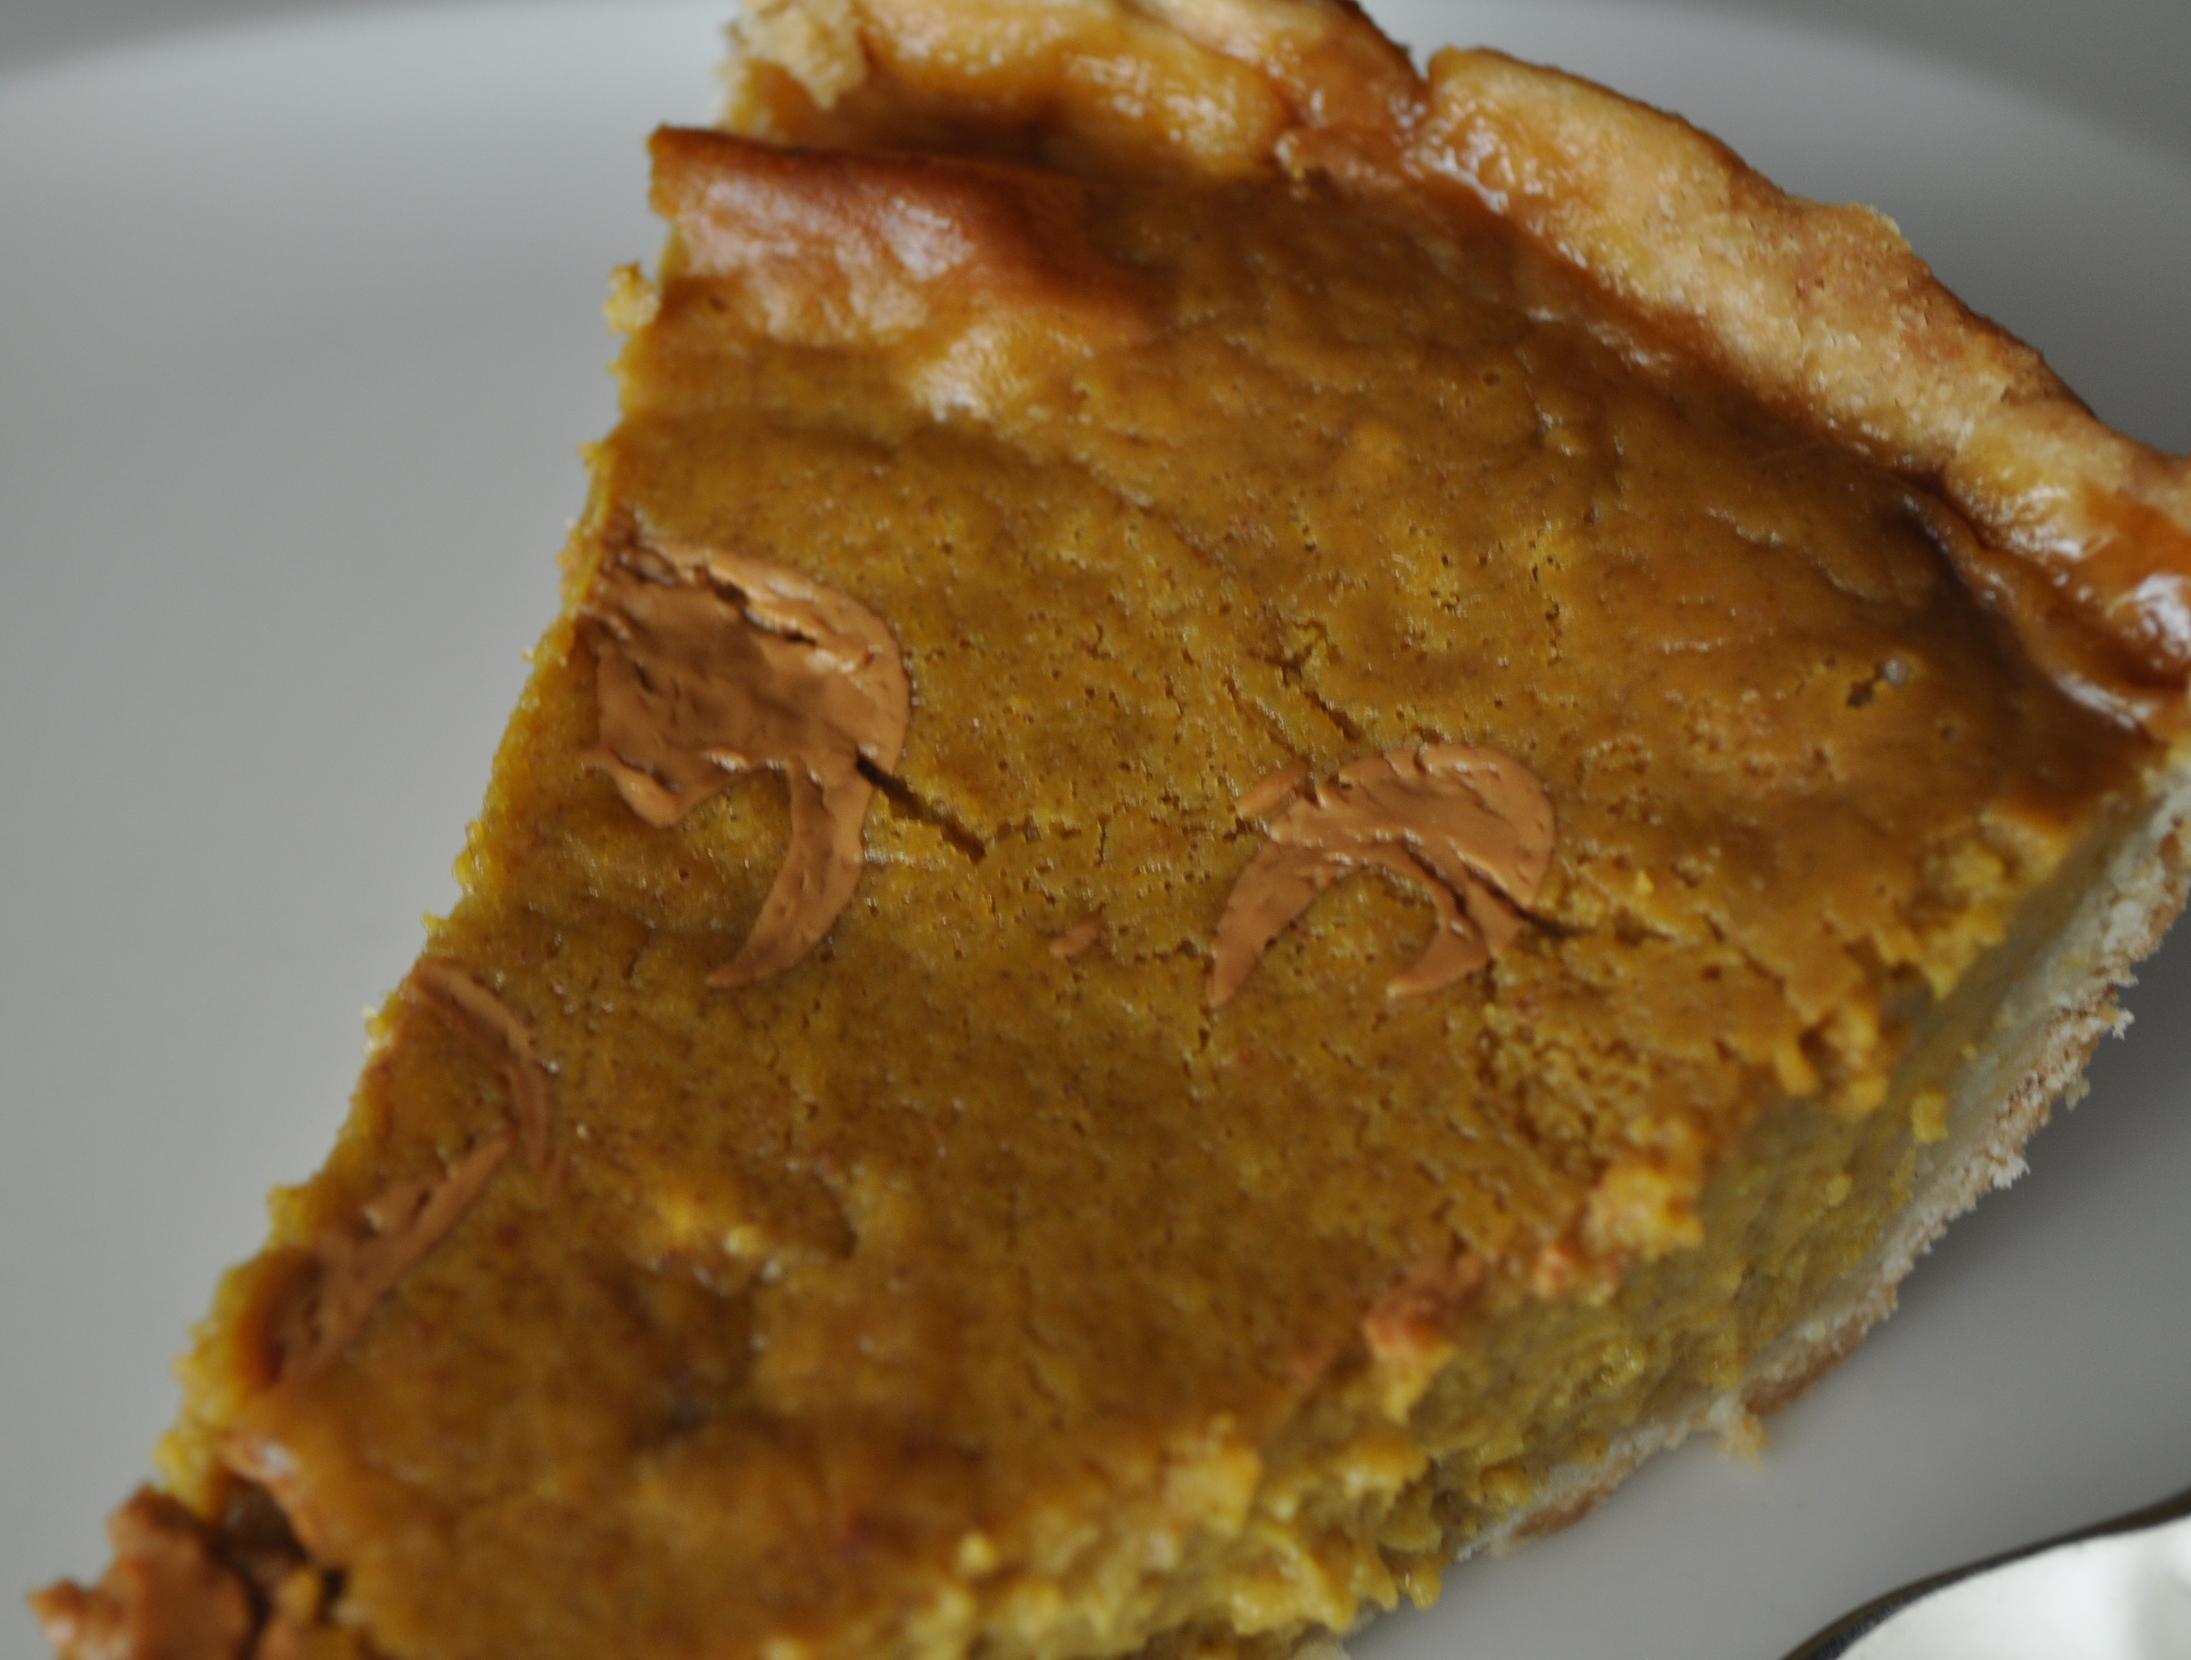 A close-up of the Dulce de Leche drizzles